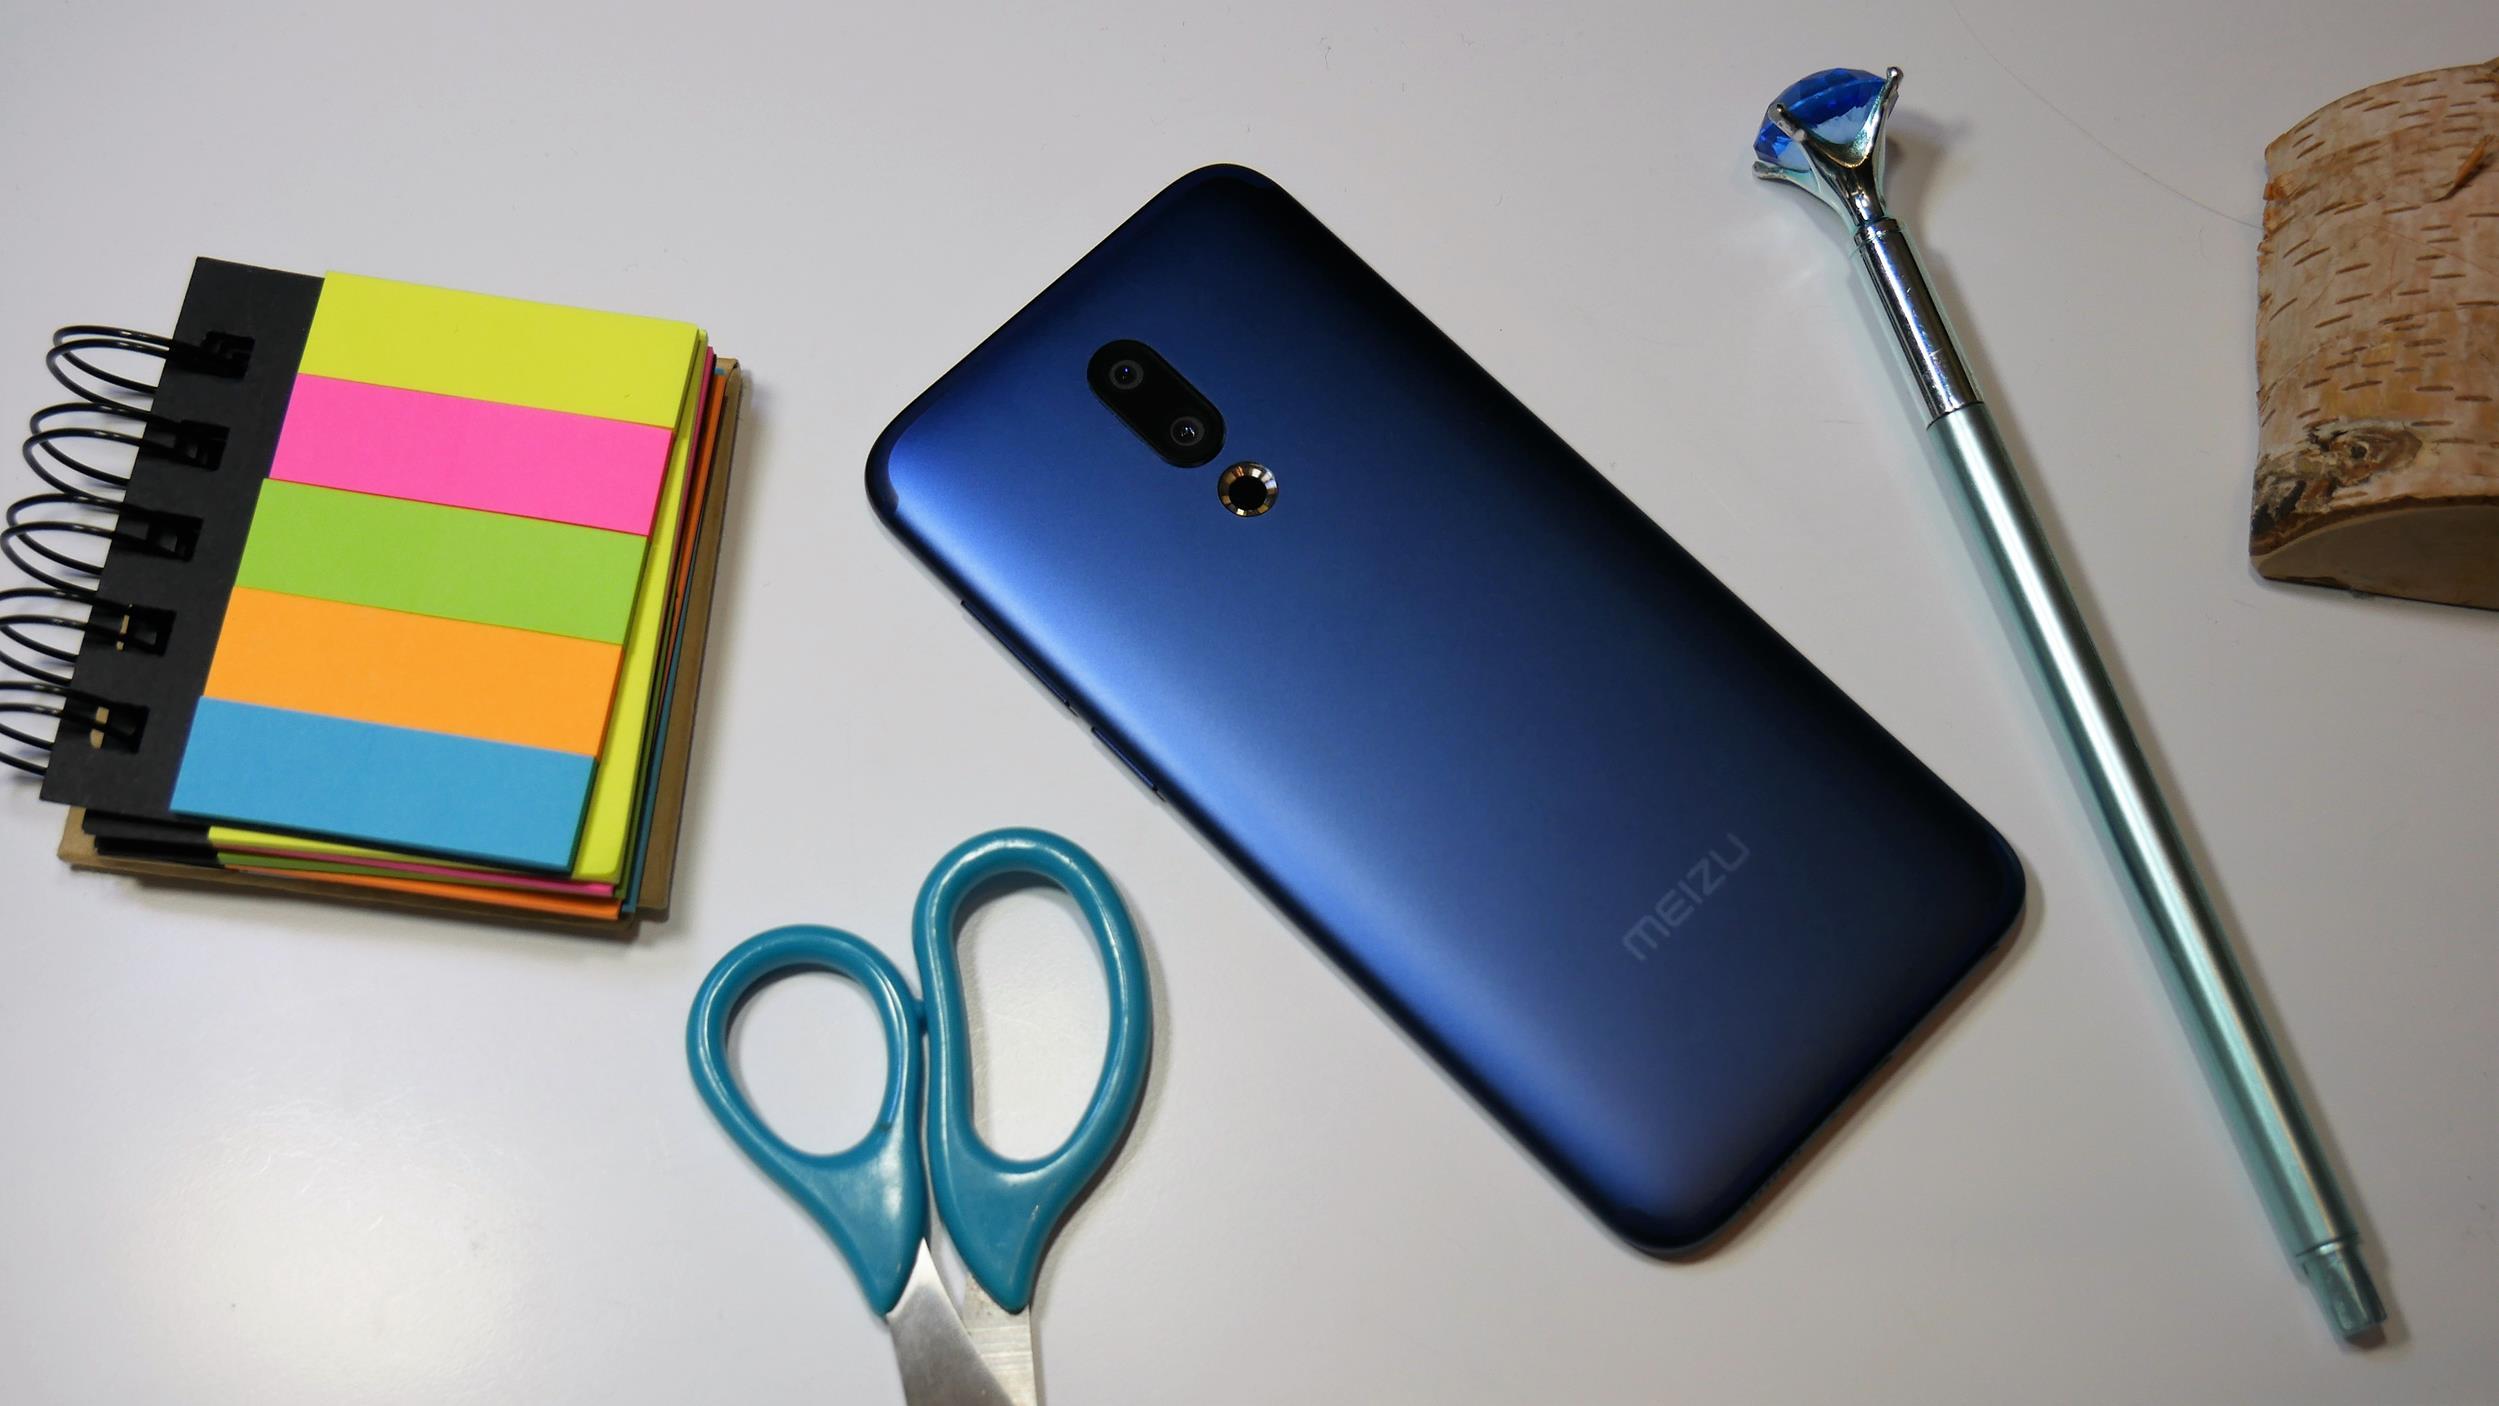 Recenzja Meizu 16 - smartfona, w którym poważnych wad jest zbyt wiele... 16